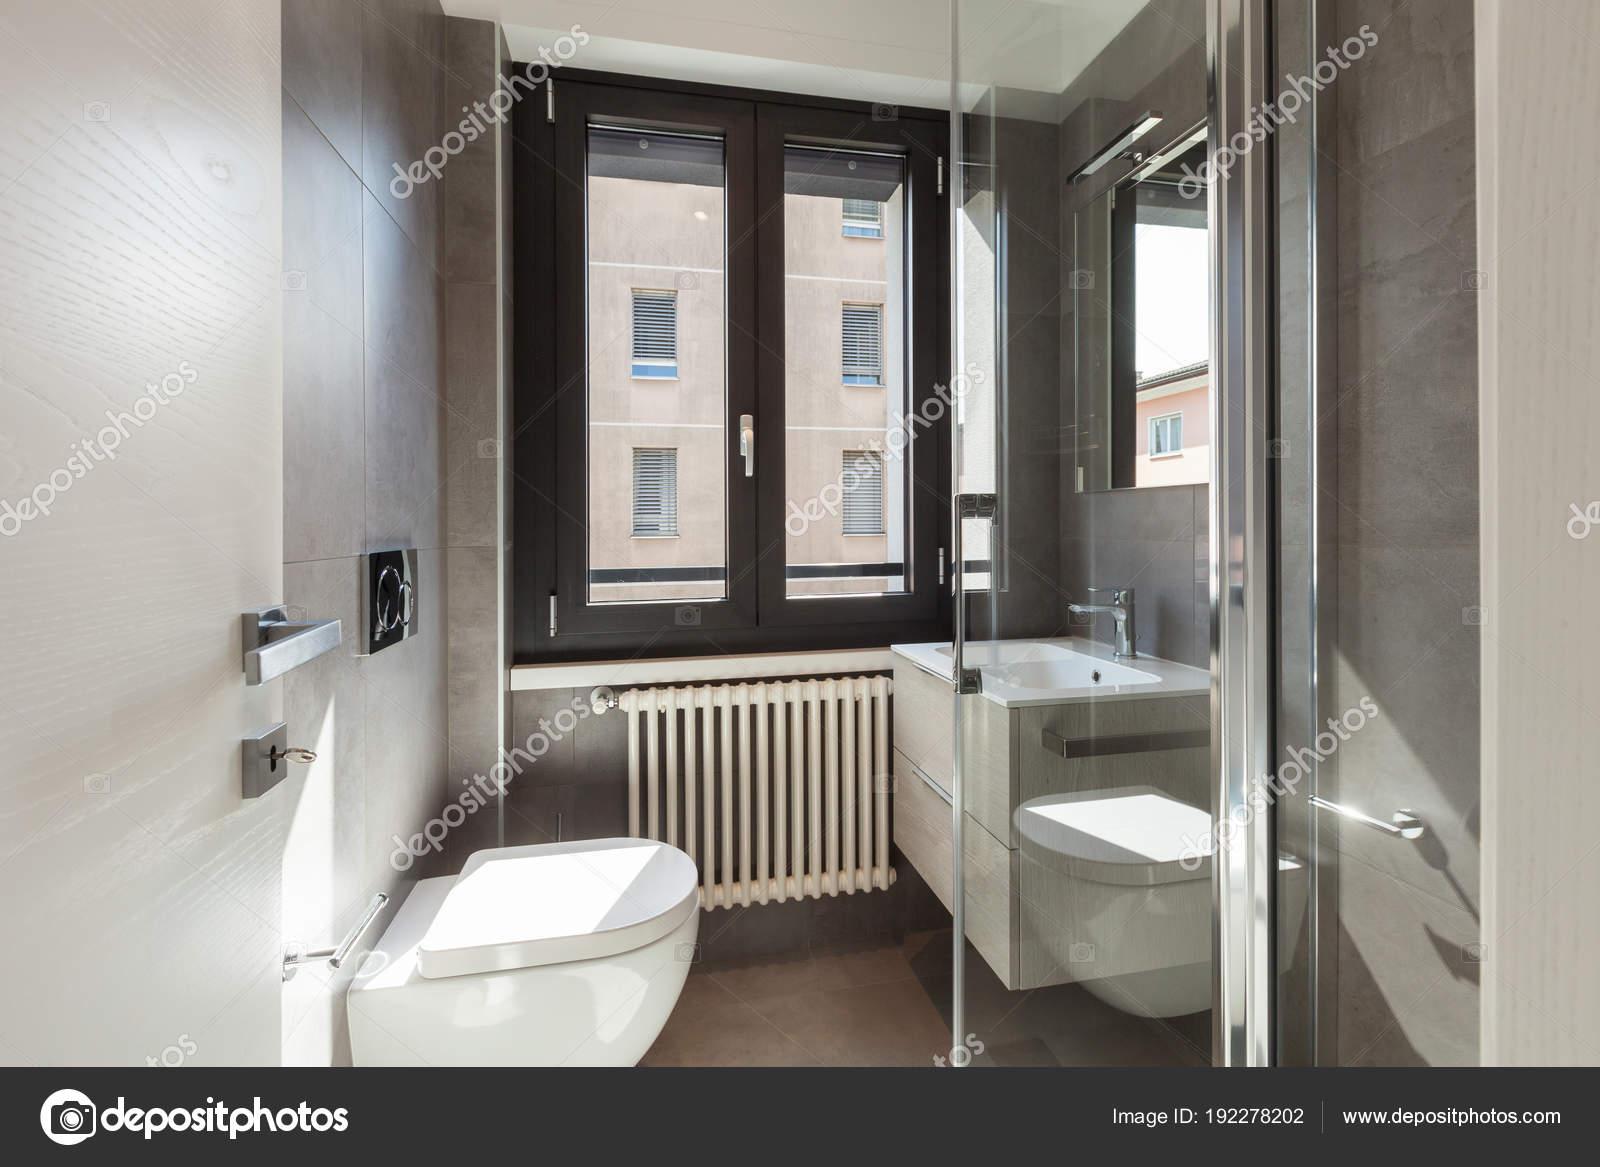 Grote Tegels Badkamer : Detail van een moderne badkamer met grote tegels u2014 stockfoto